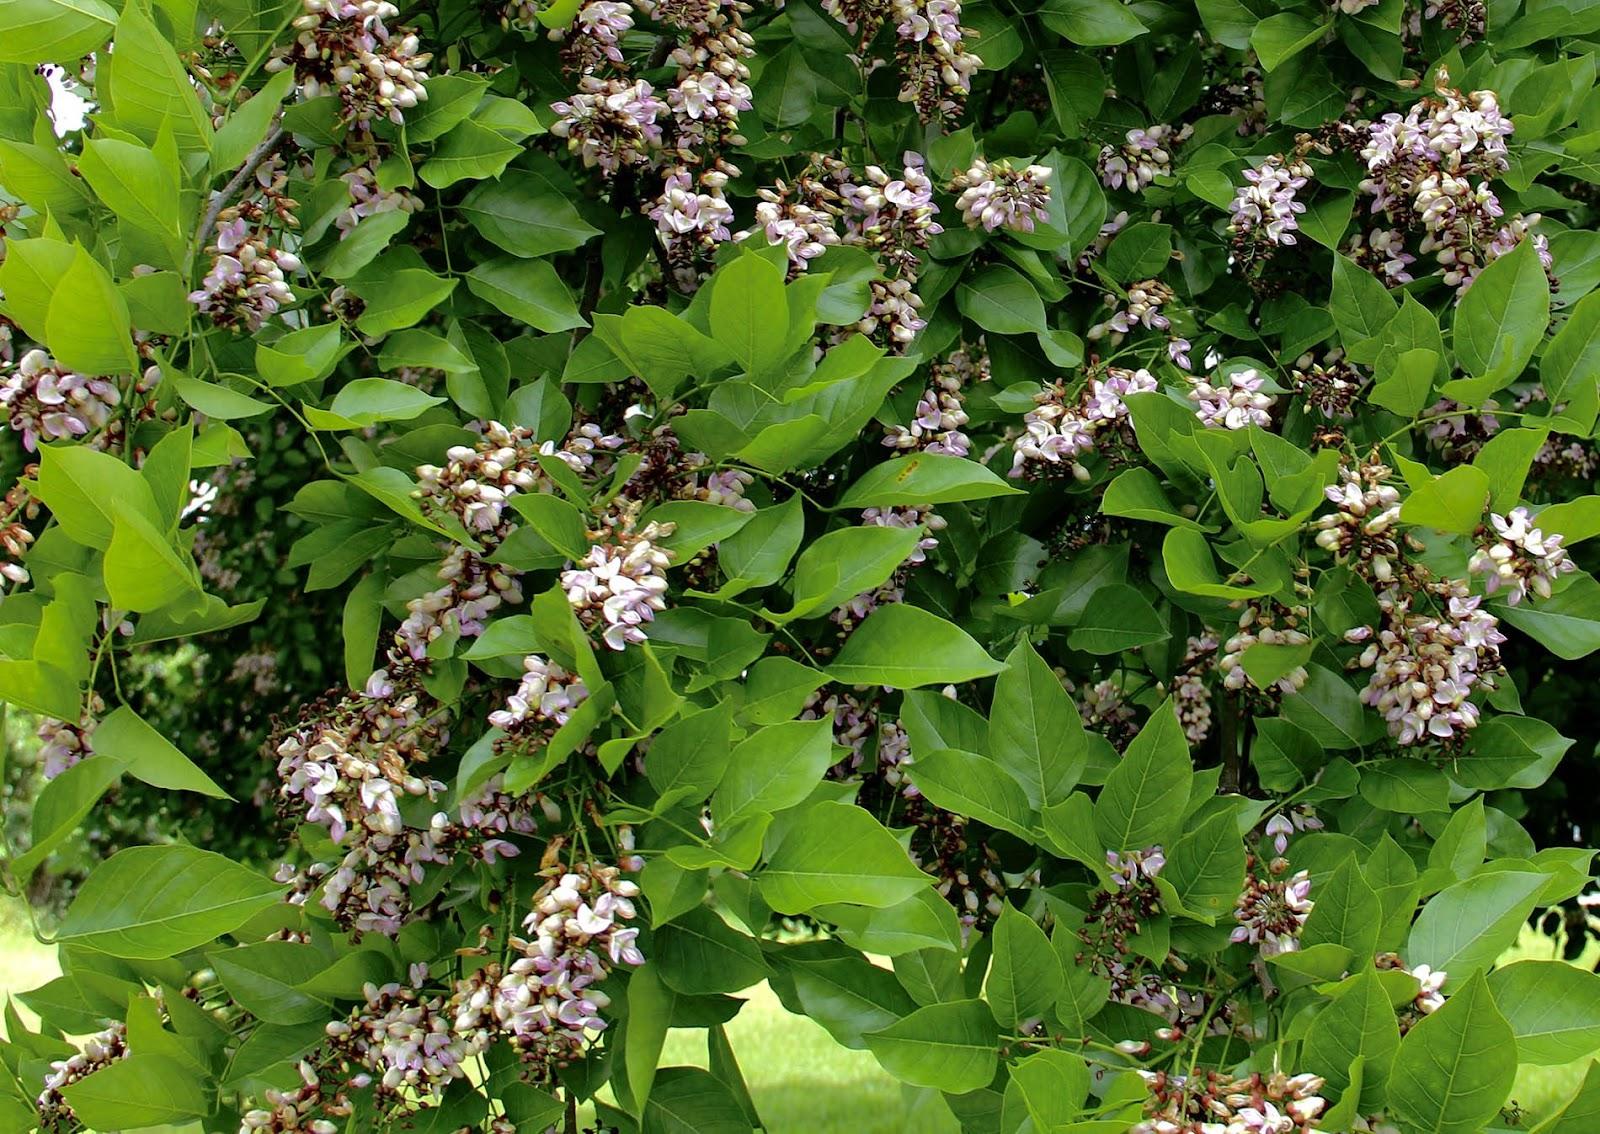 ஆக்சிஜனை அதிகரிக்கும் புங்க மரம்